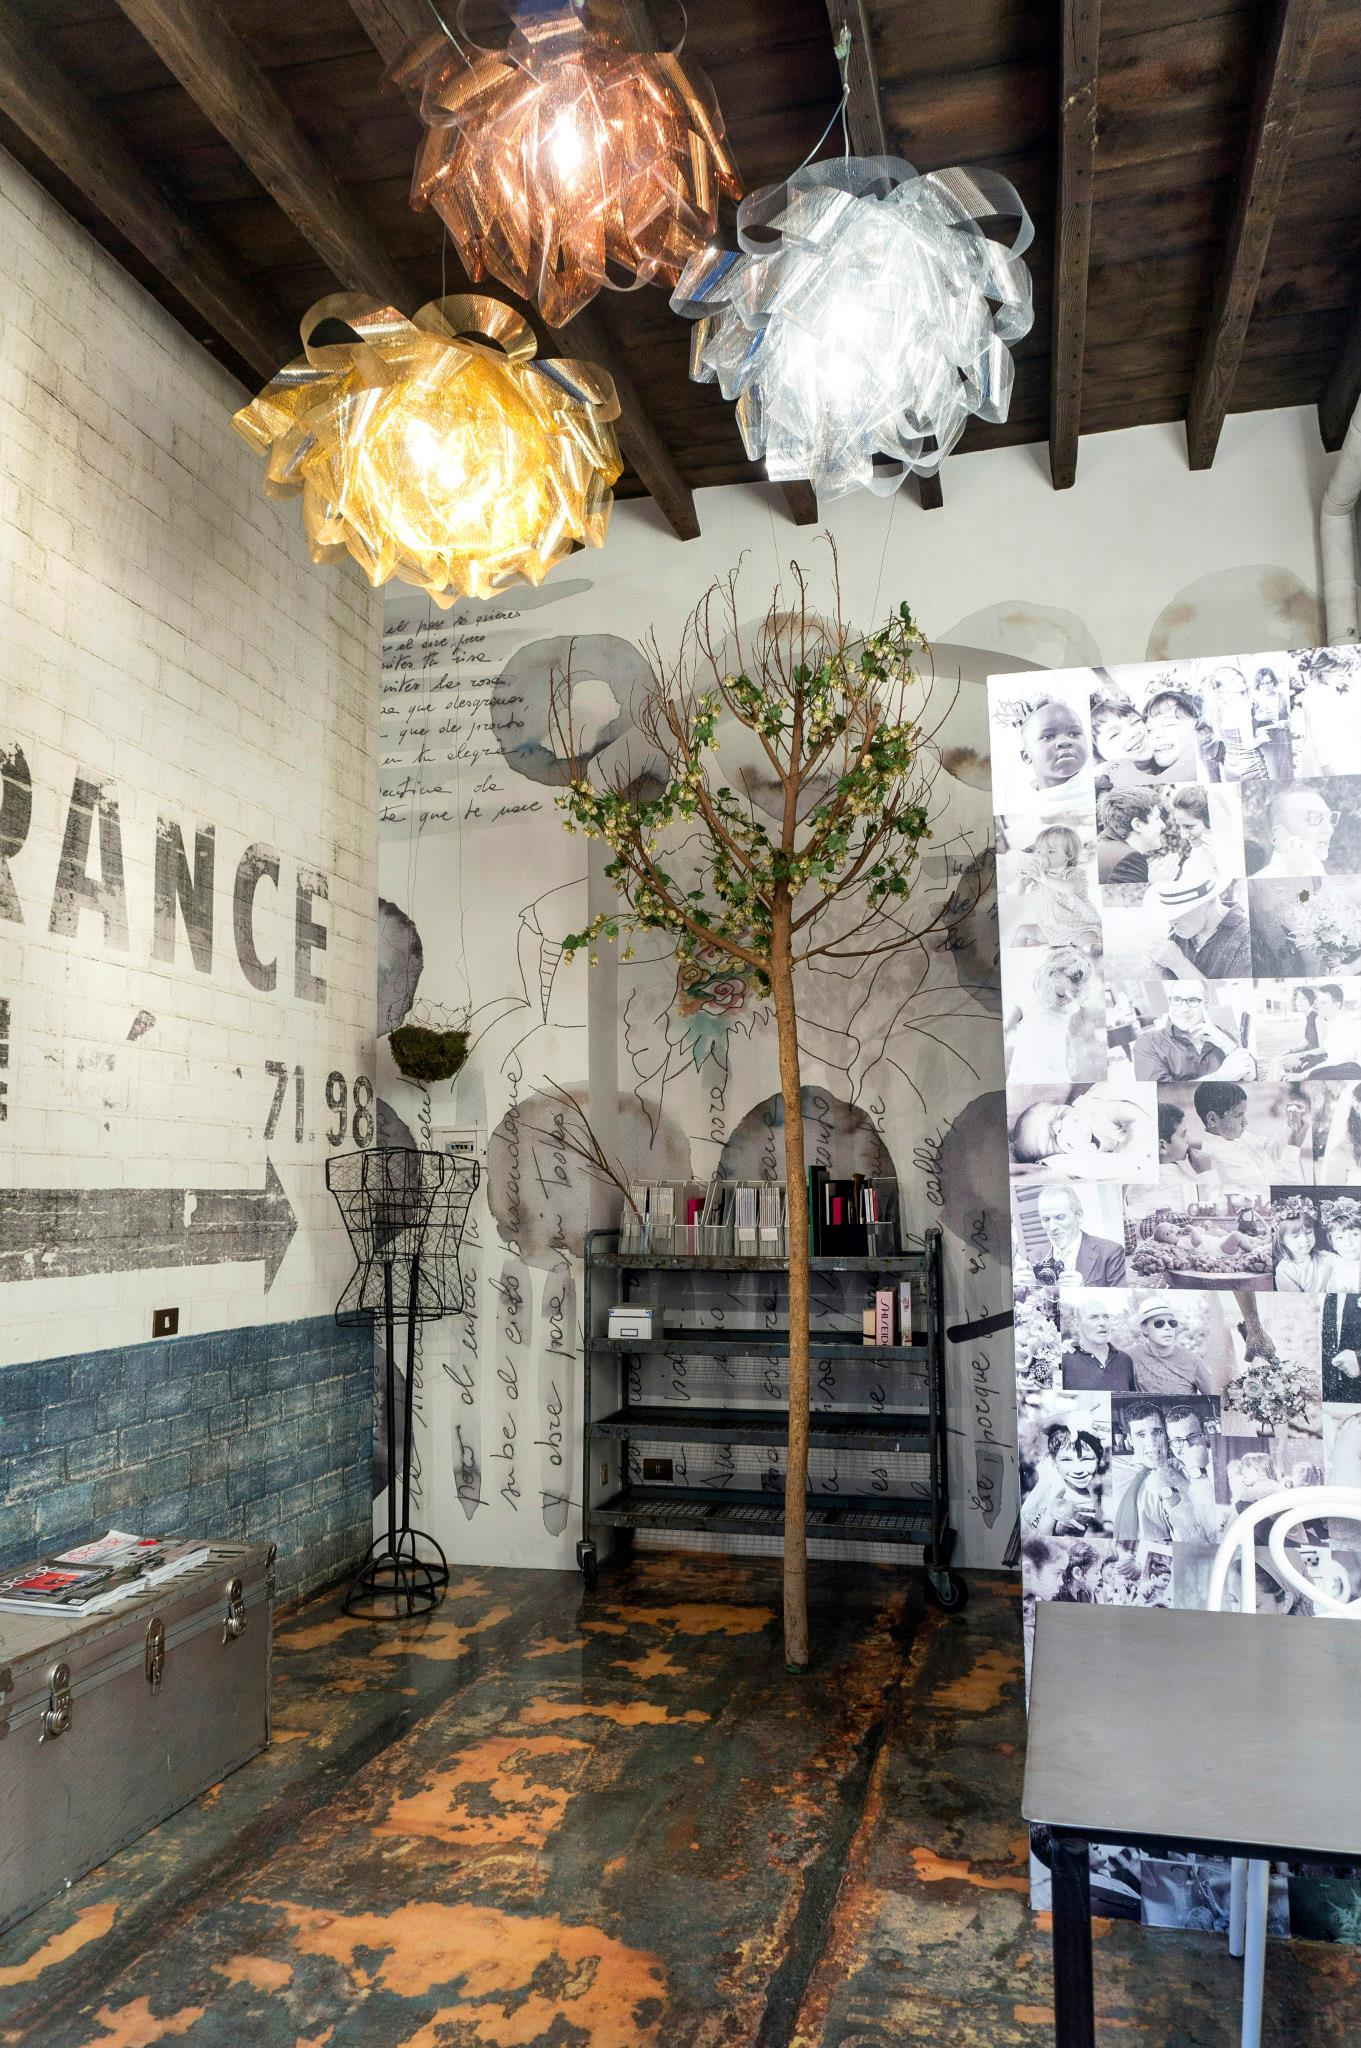 Affittasi location civico 57 miragu for Affitti temporanei milano